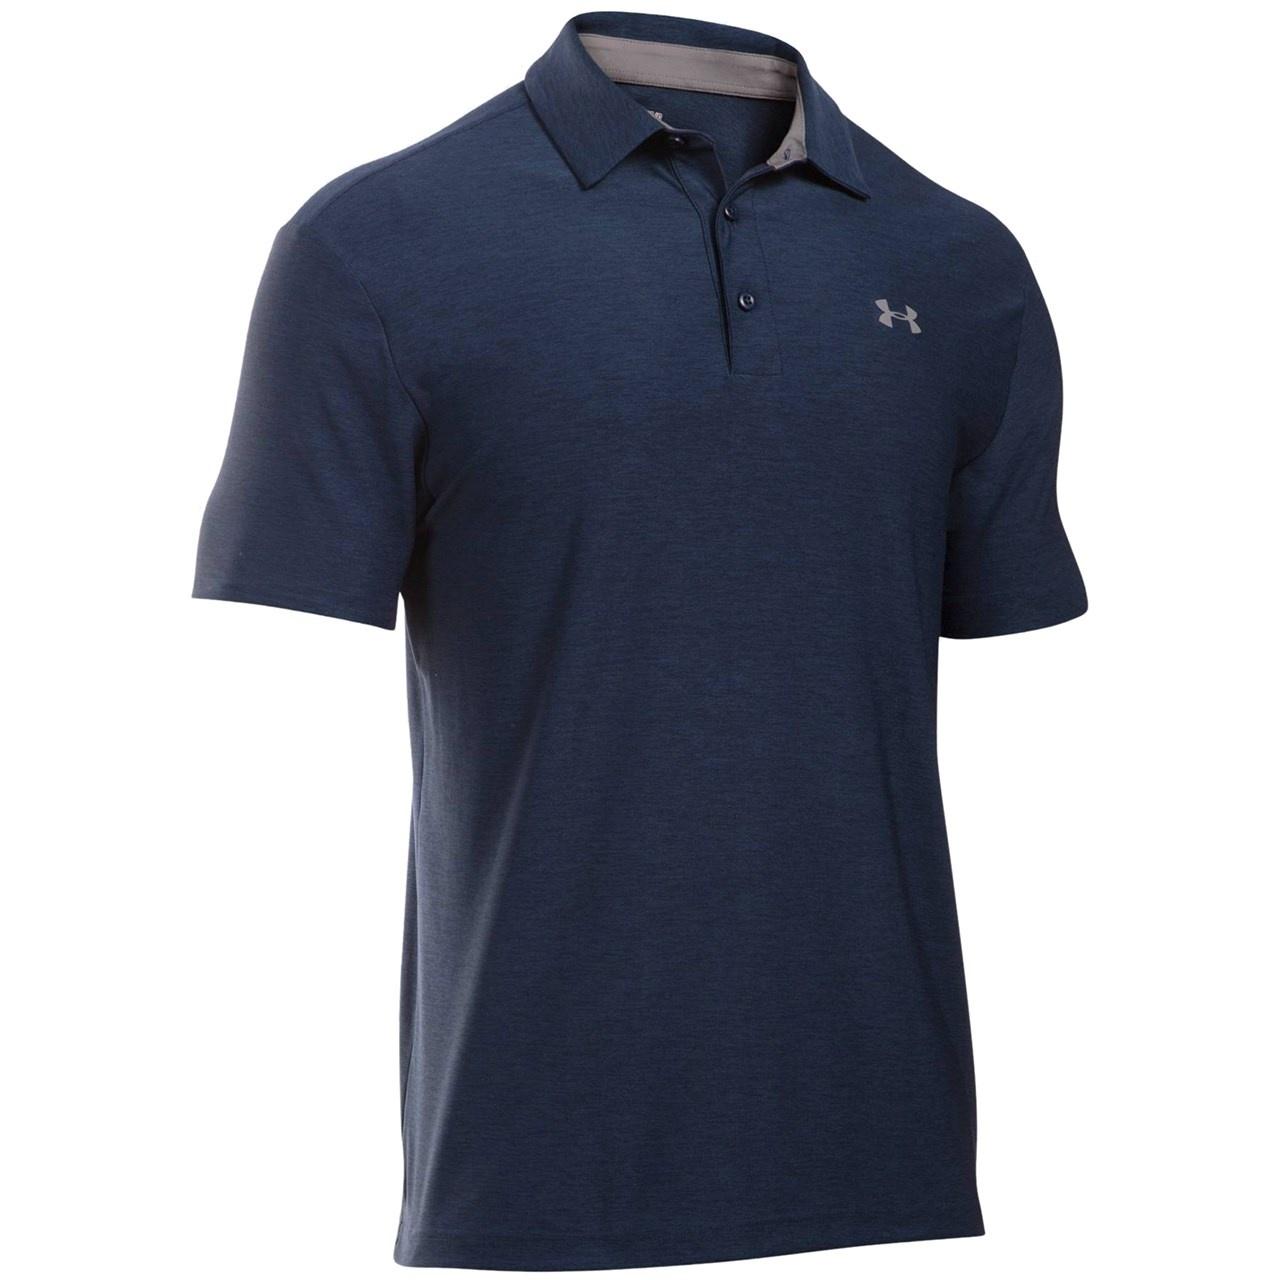 پلو شرت مردانه آندر آرمور مدل Playoff